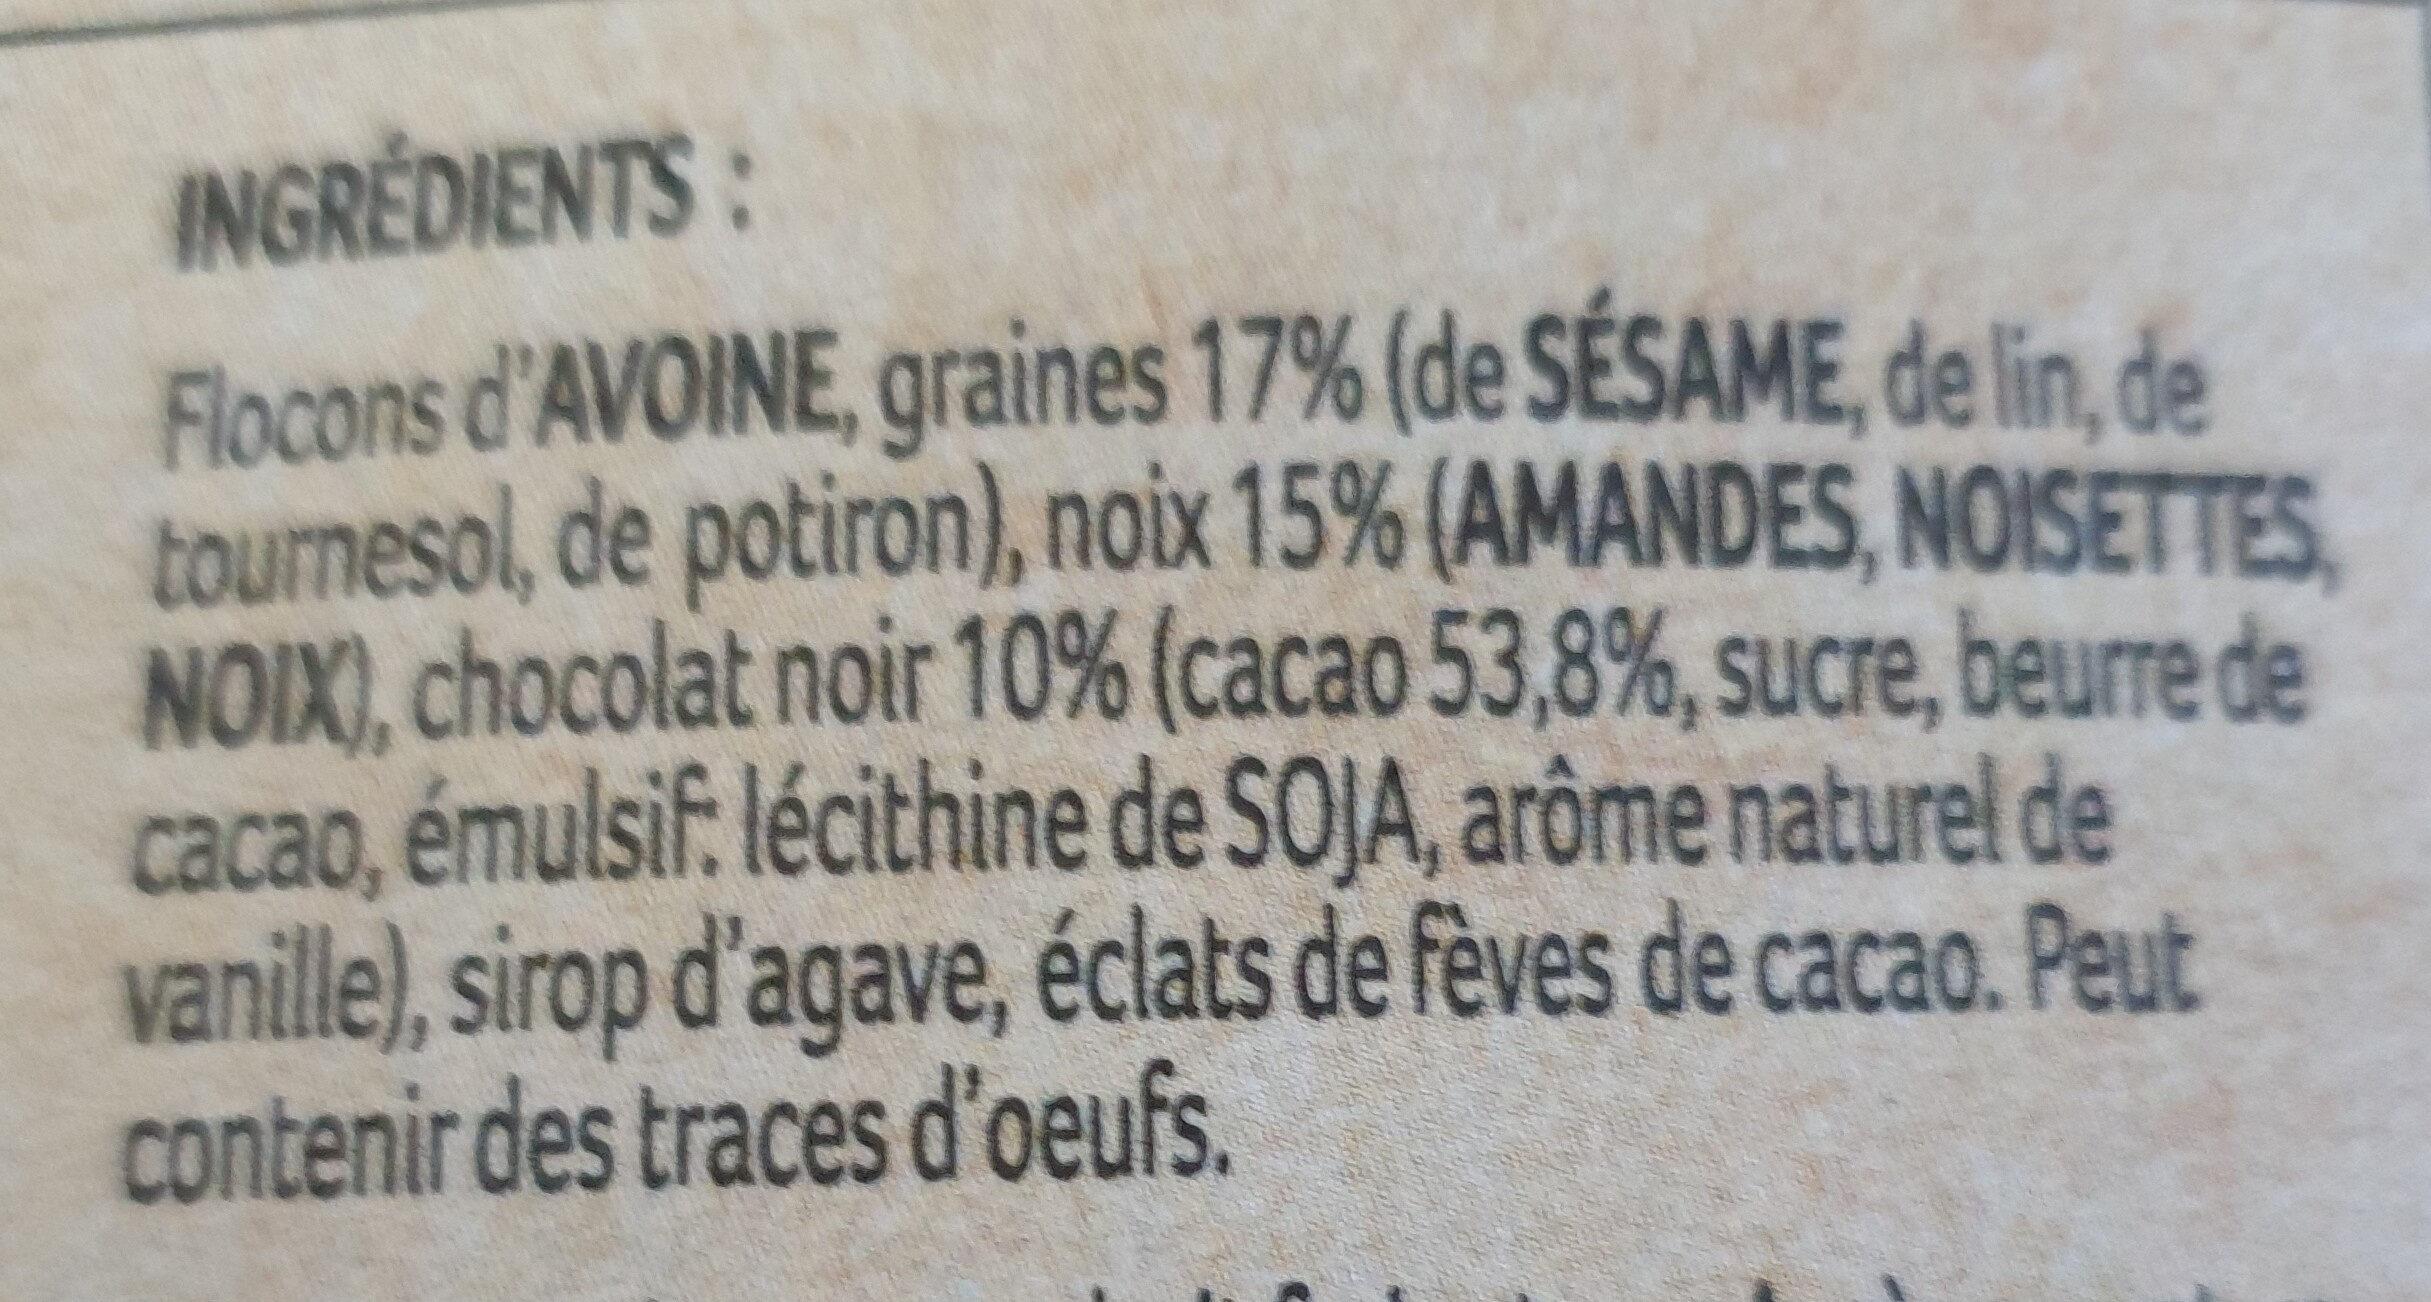 Granola chocolat noix - Ingrediënten - fr